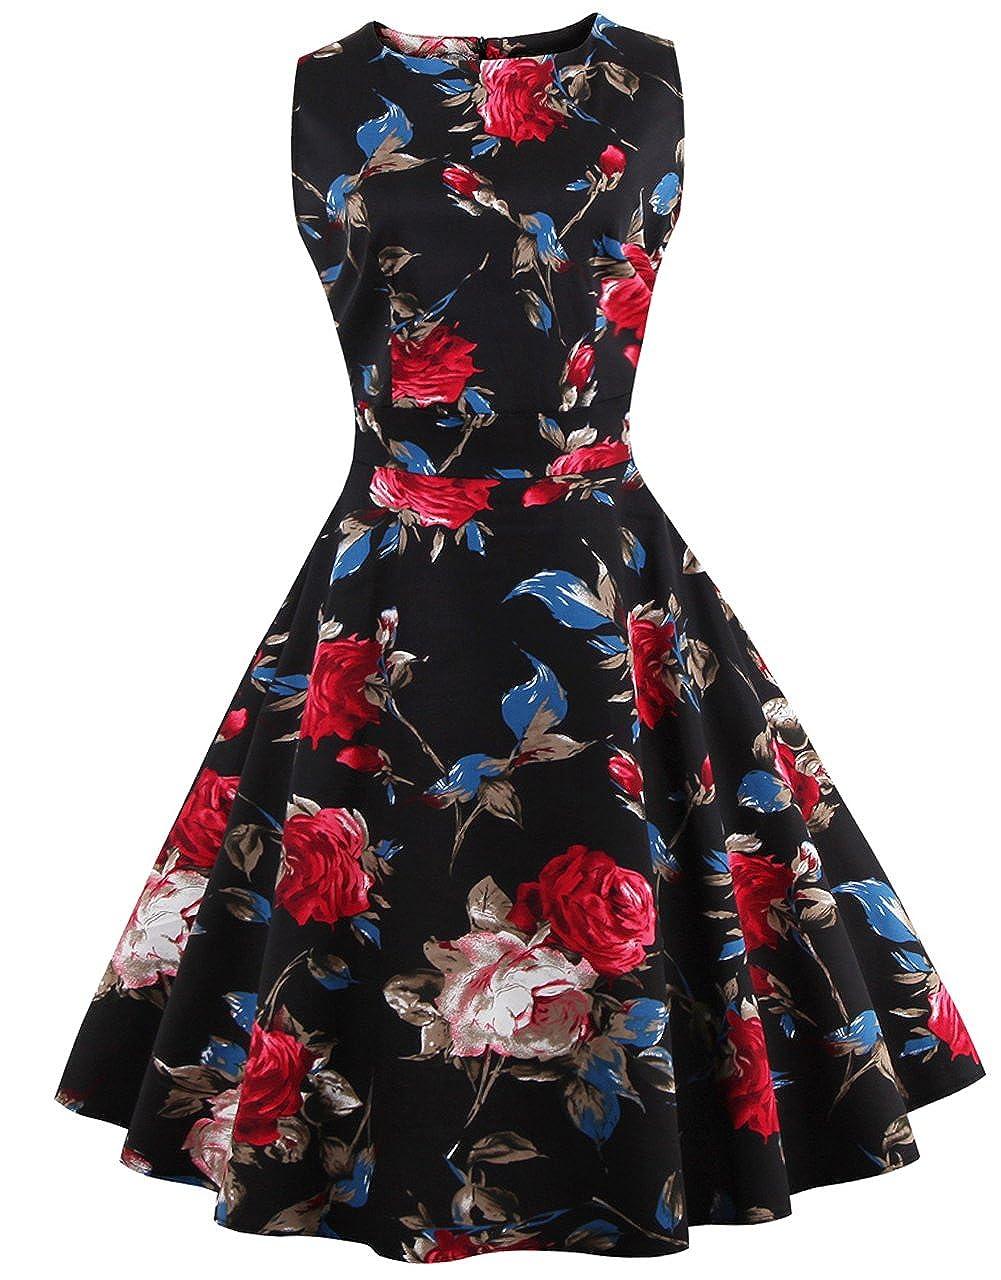 TALLA XL. FAIRY COUPLE 50s Vestido de Partido Floral Retro del Oscilación del Cóctel del Vintage con el Arco DRT017 Negro Azul Rojo XL